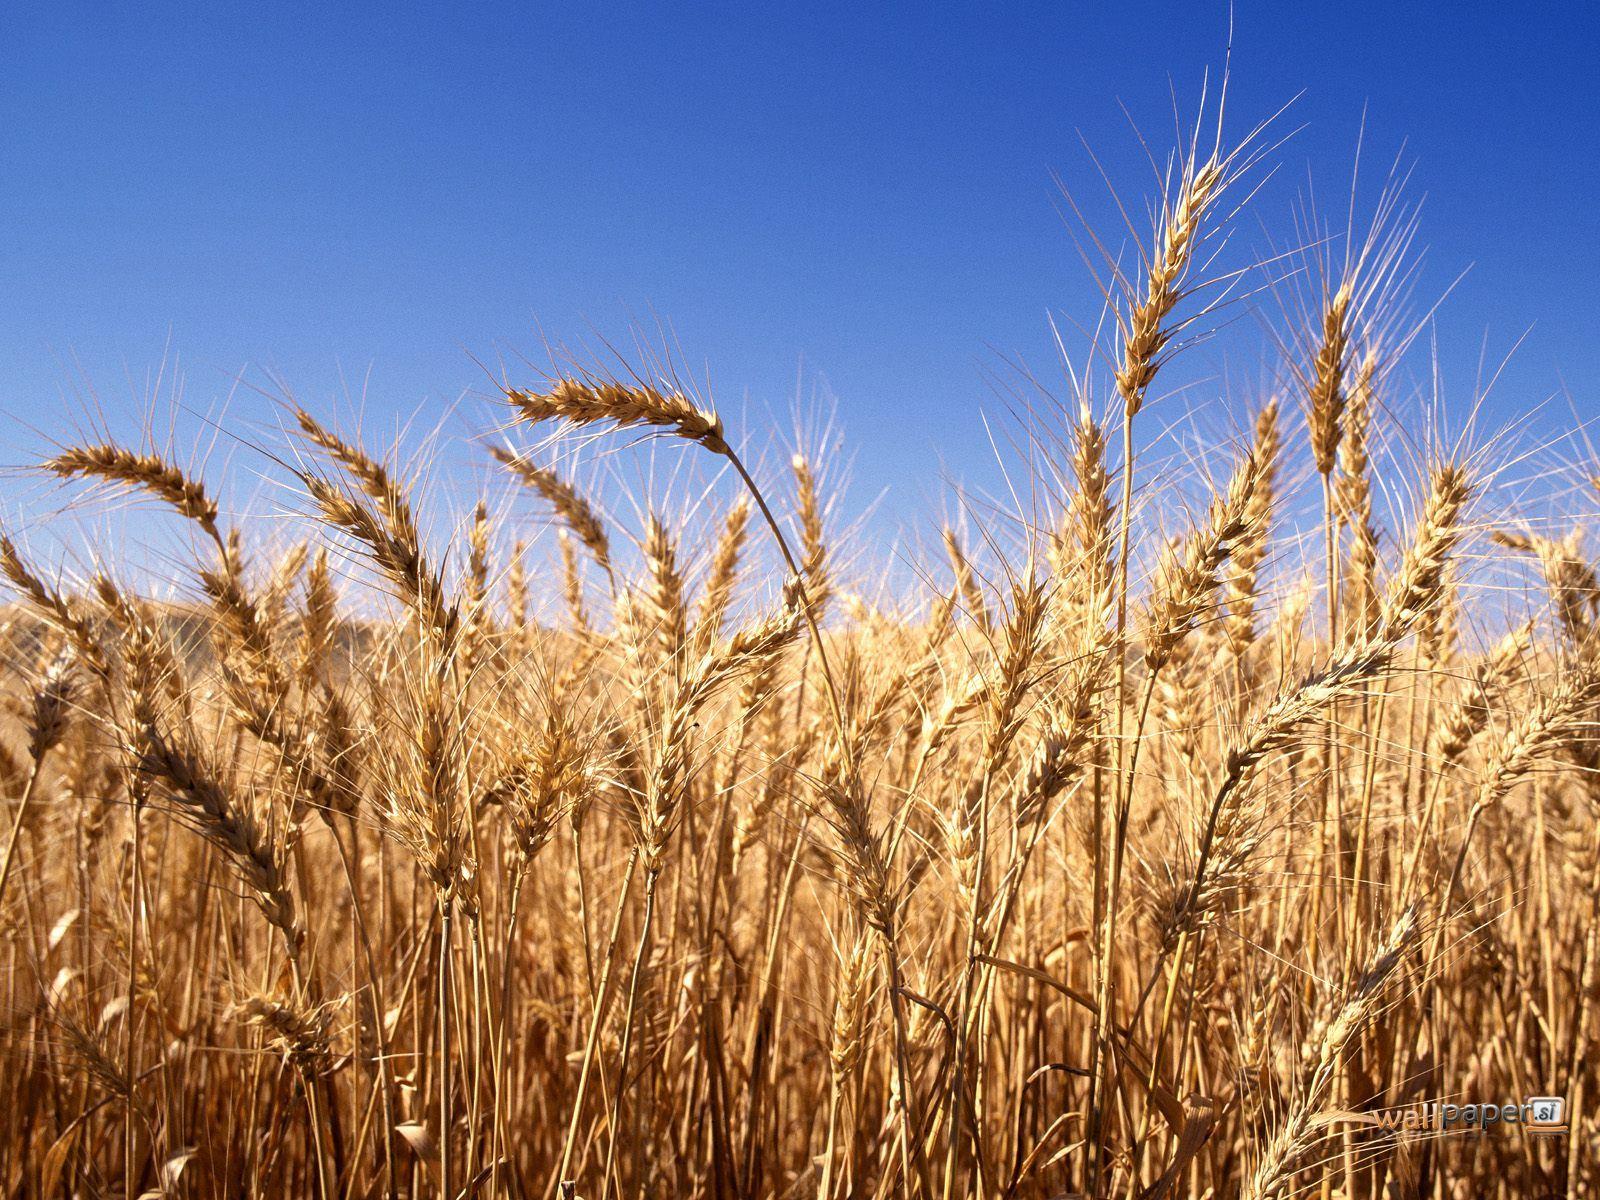 http://4.bp.blogspot.com/_ahujDTYqHjU/TRwT9QJJIvI/AAAAAAAAABc/xGGjf9gpswo/s1600/Harvest-Time-Wallpaper.jpg